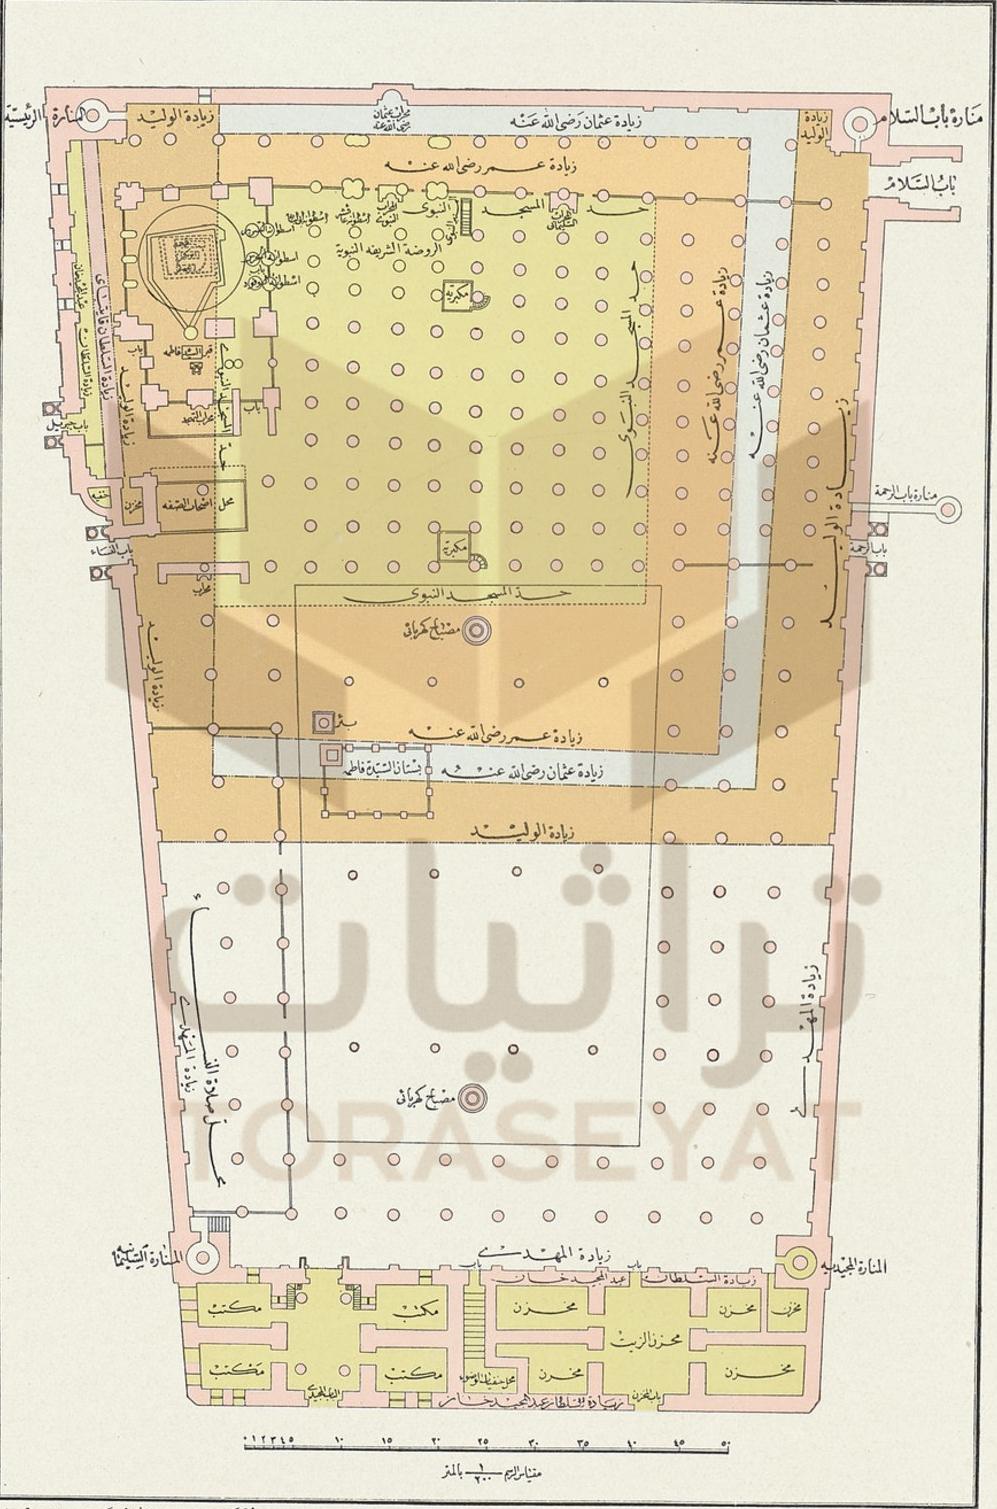 خريطة المسجد النبوي سنة 1901 م